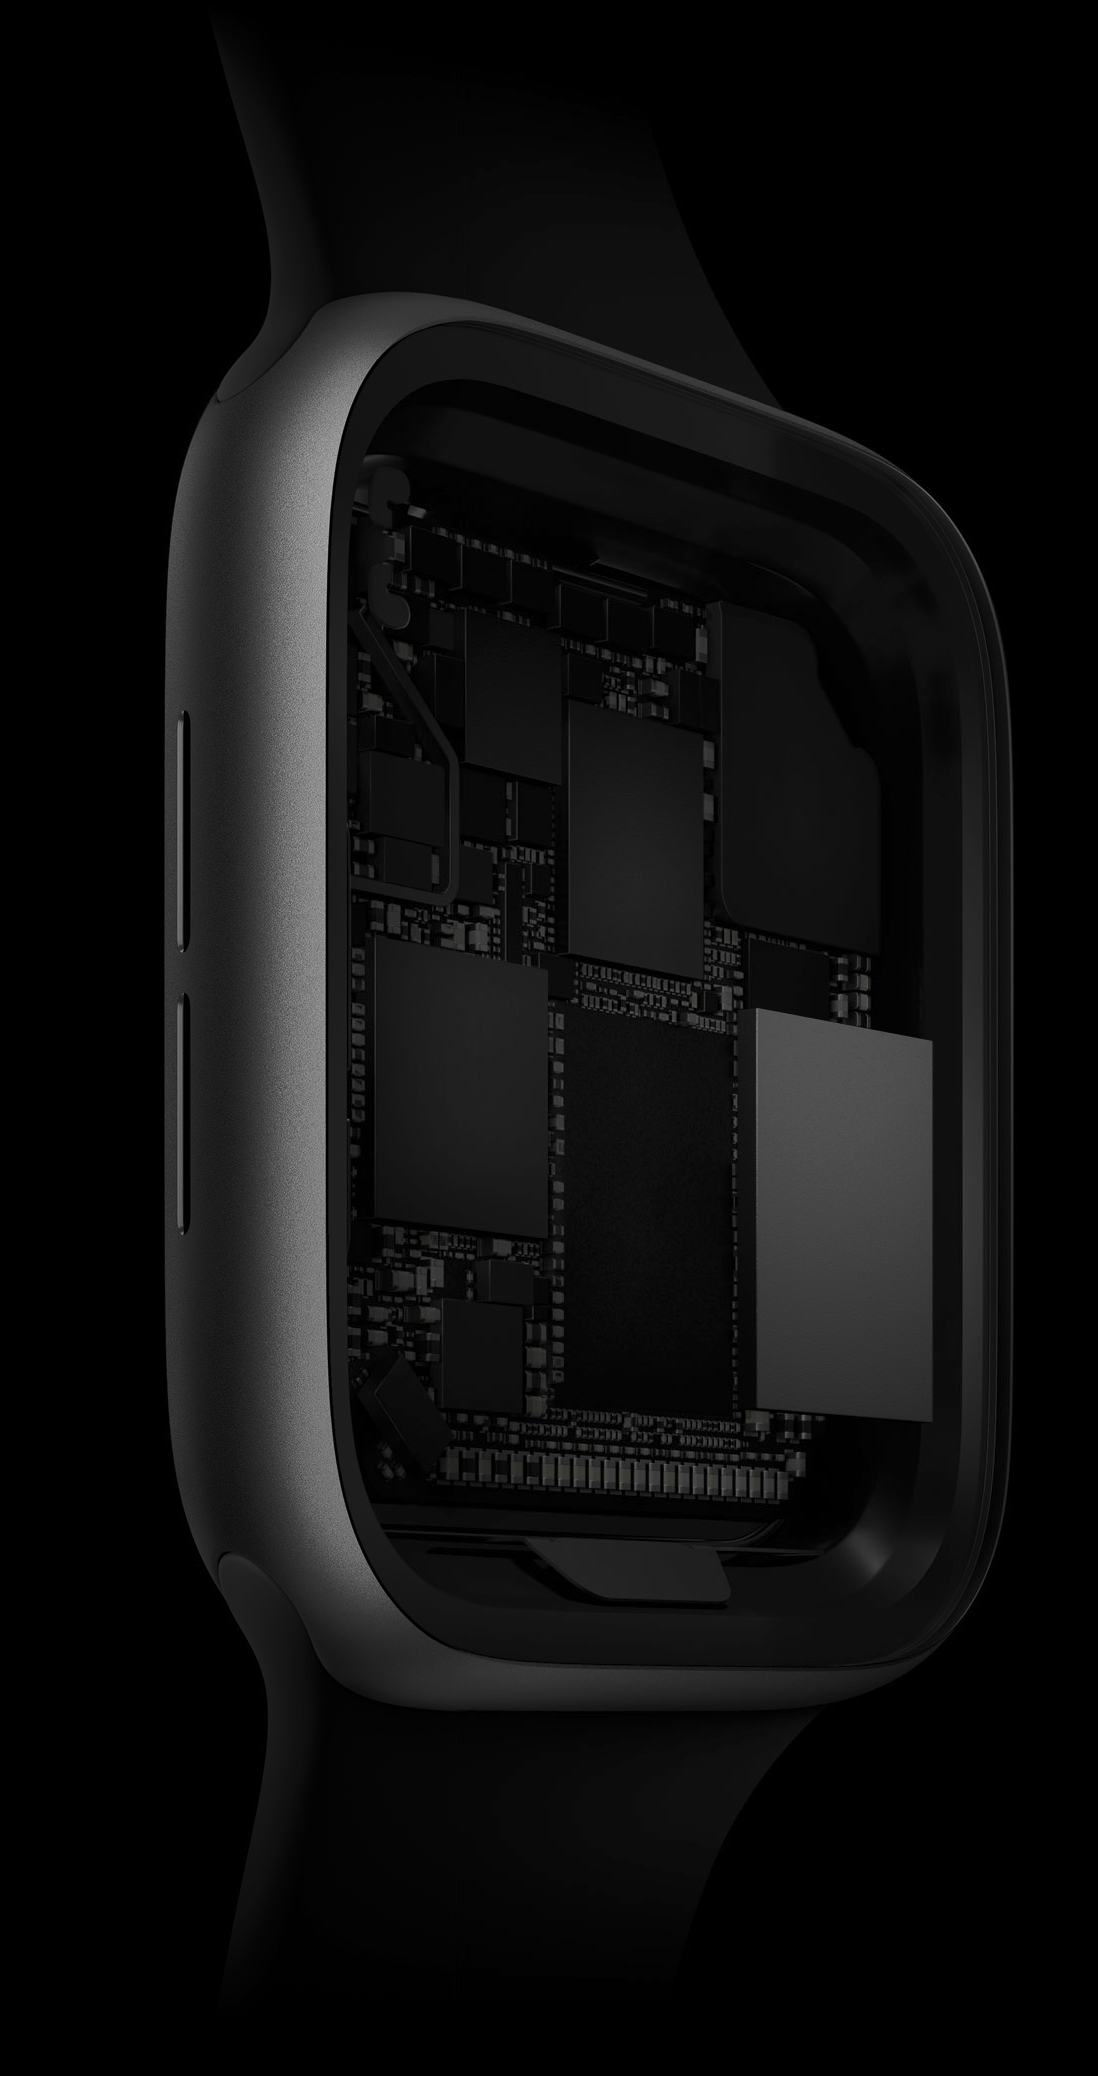 Procesador S4 en el interior del Apple Watch series 4